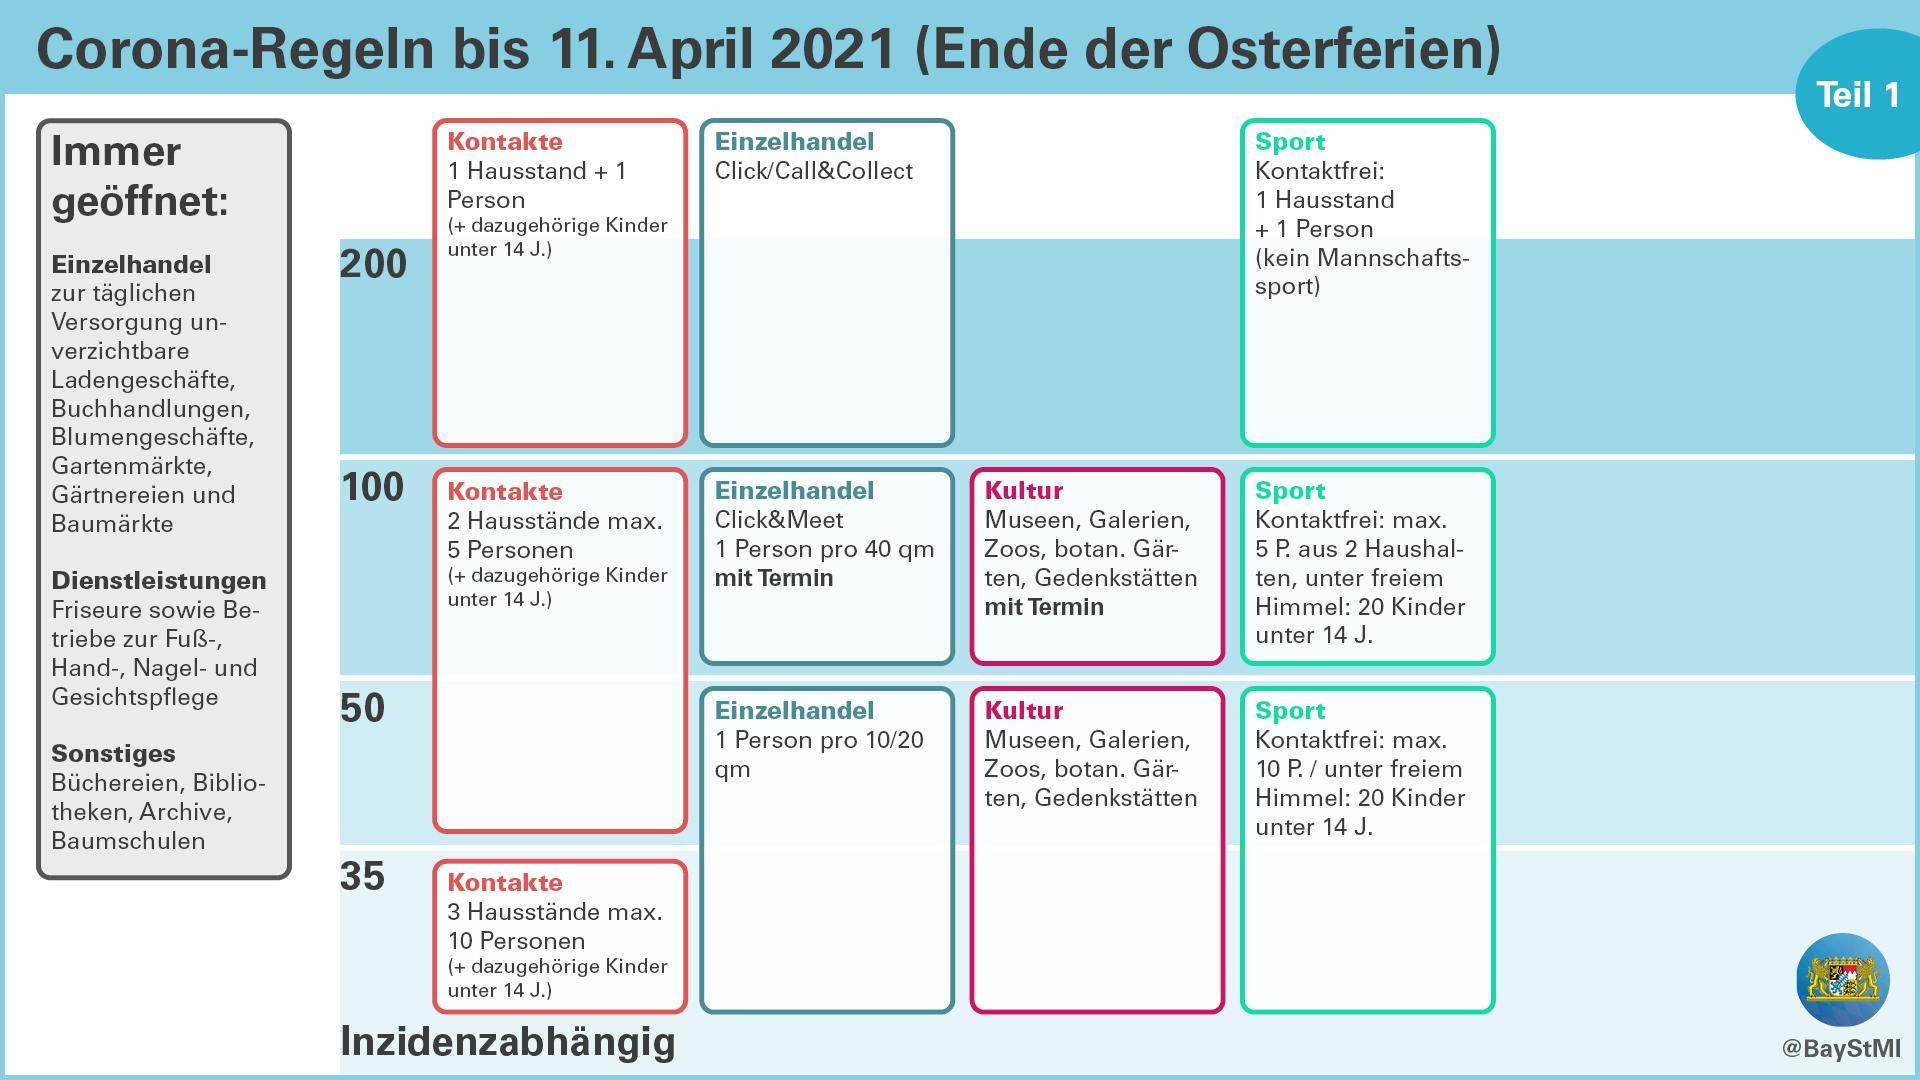 Corona-Übersicht: Regeln bis 11. April 2021